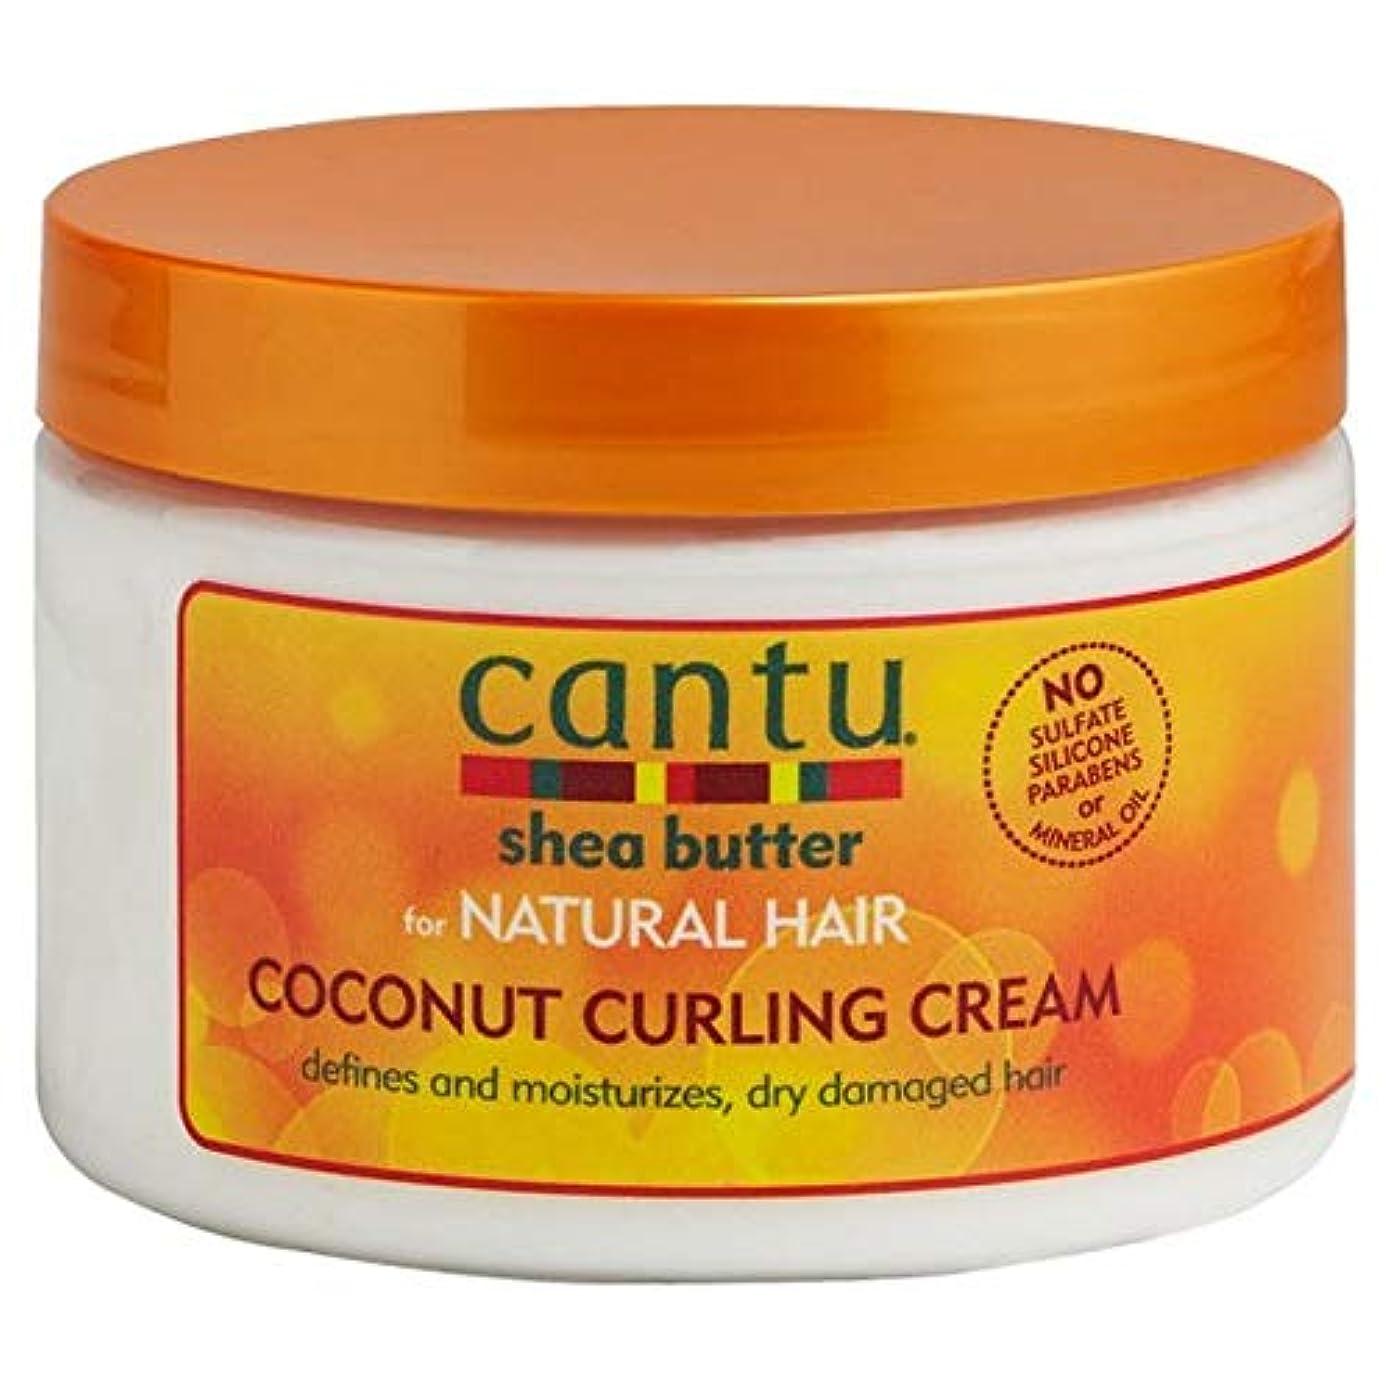 死の顎顧問相反する[Cantu] カントゥココナッツカーリングクリーム340グラム - Cantu Coconut Curling Cream 340G [並行輸入品]